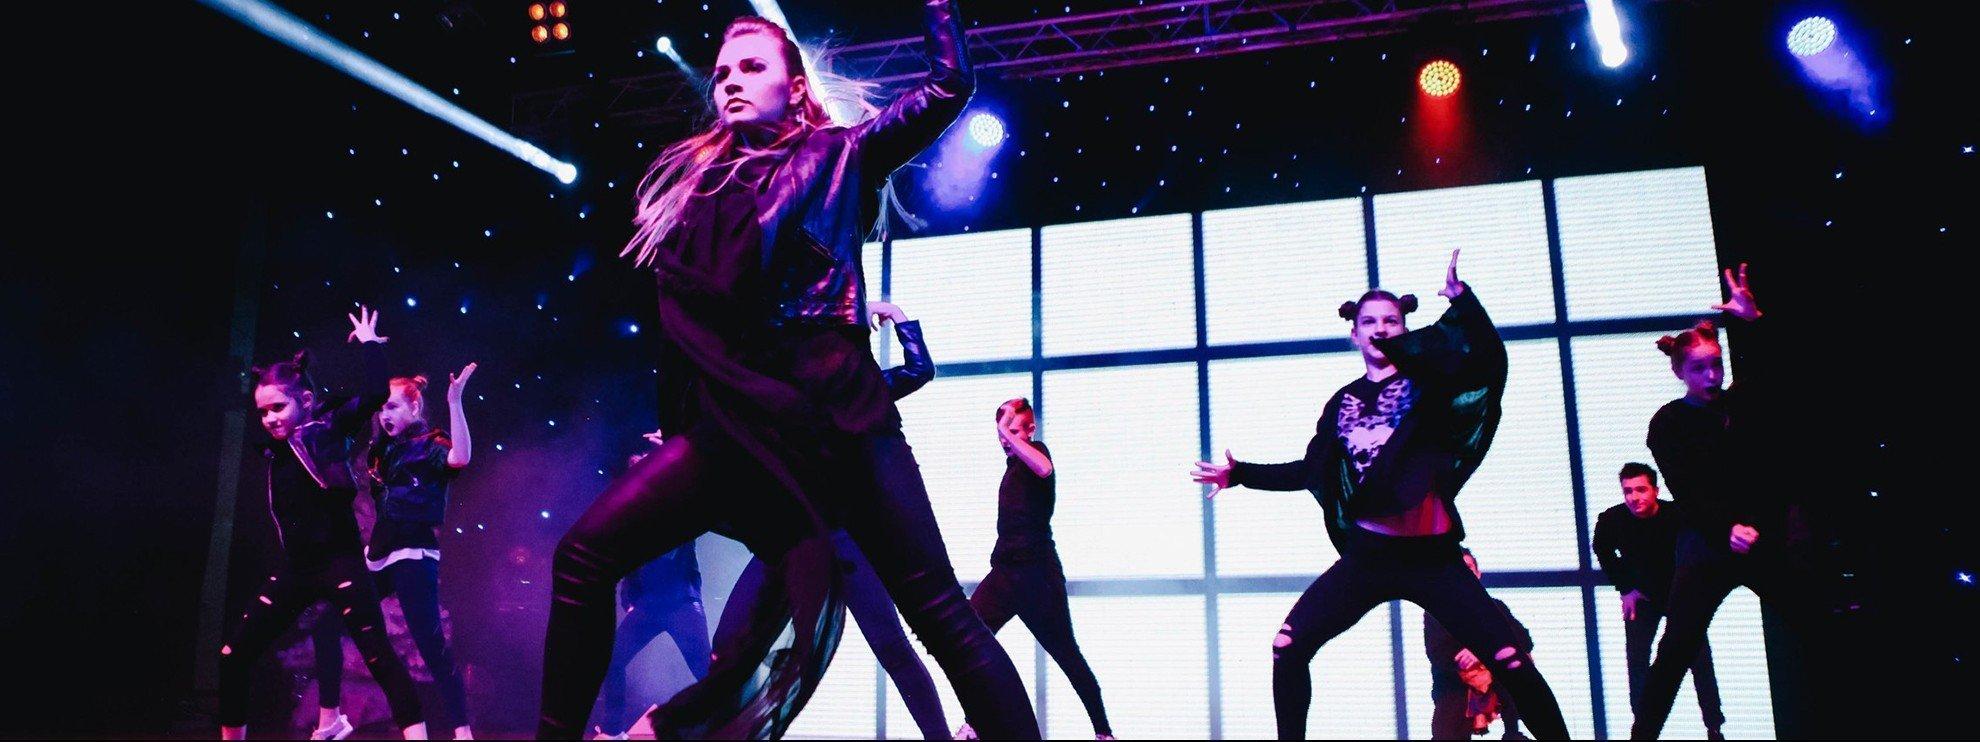 виконавець DANCE STUDIO LUNA (Денс Студіо Луна)